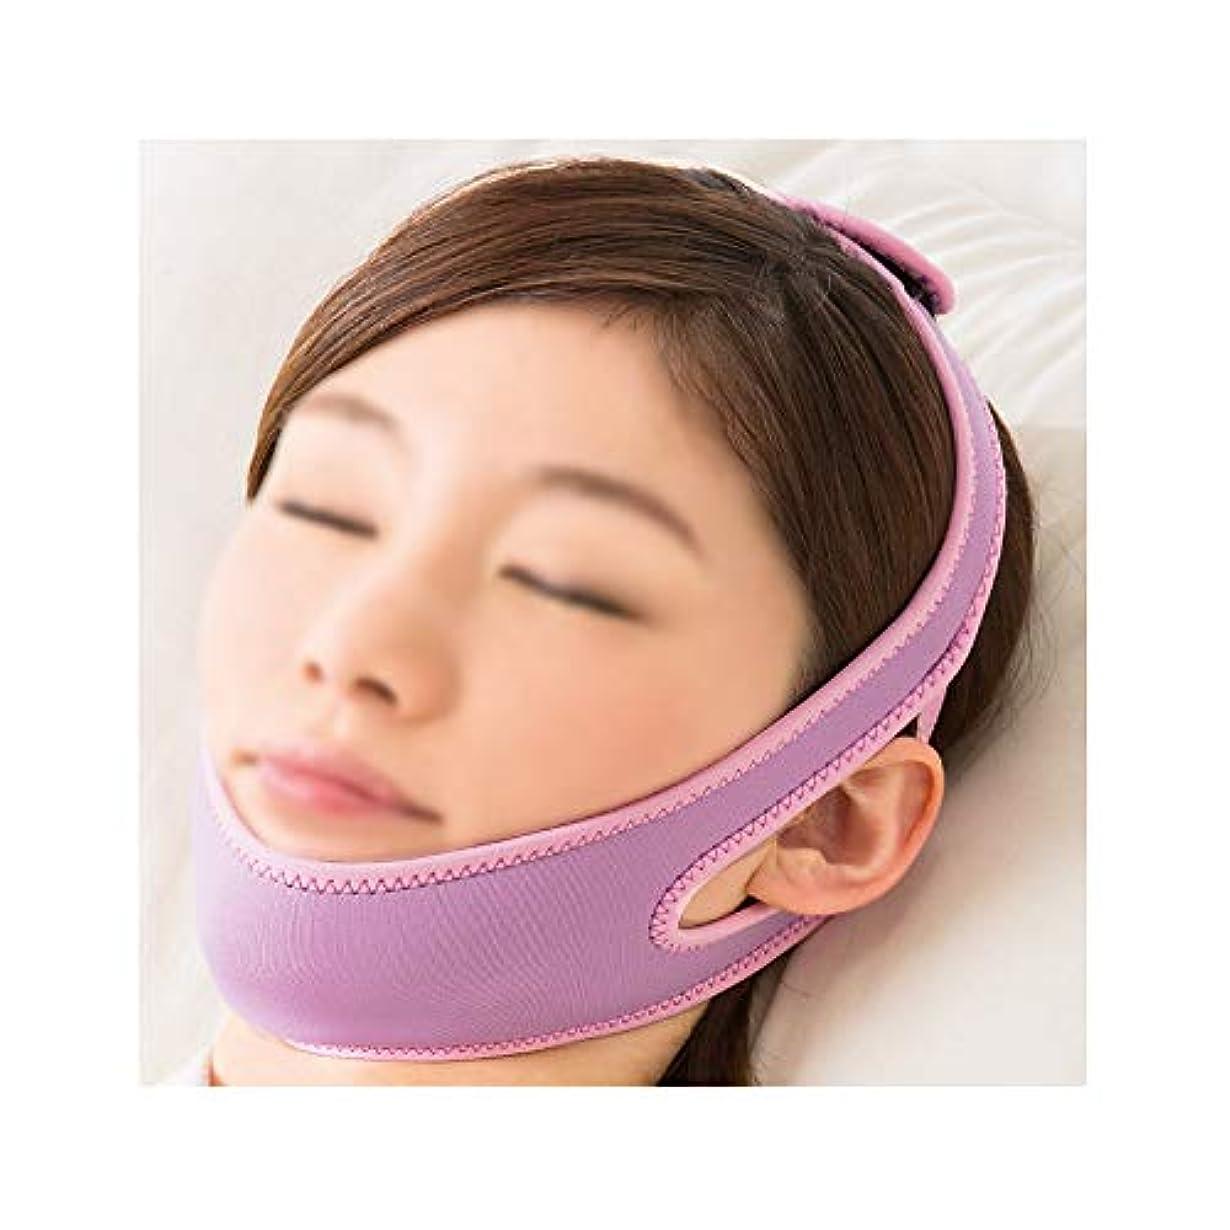 再生可能フラップ他にGLJJQMY マスクフェイスリフトアーチファクトマスク垂れ顔小さいVフェイス包帯通気性睡眠両面あごスーツ睡眠弾性痩身ベルト 顔用整形マスク